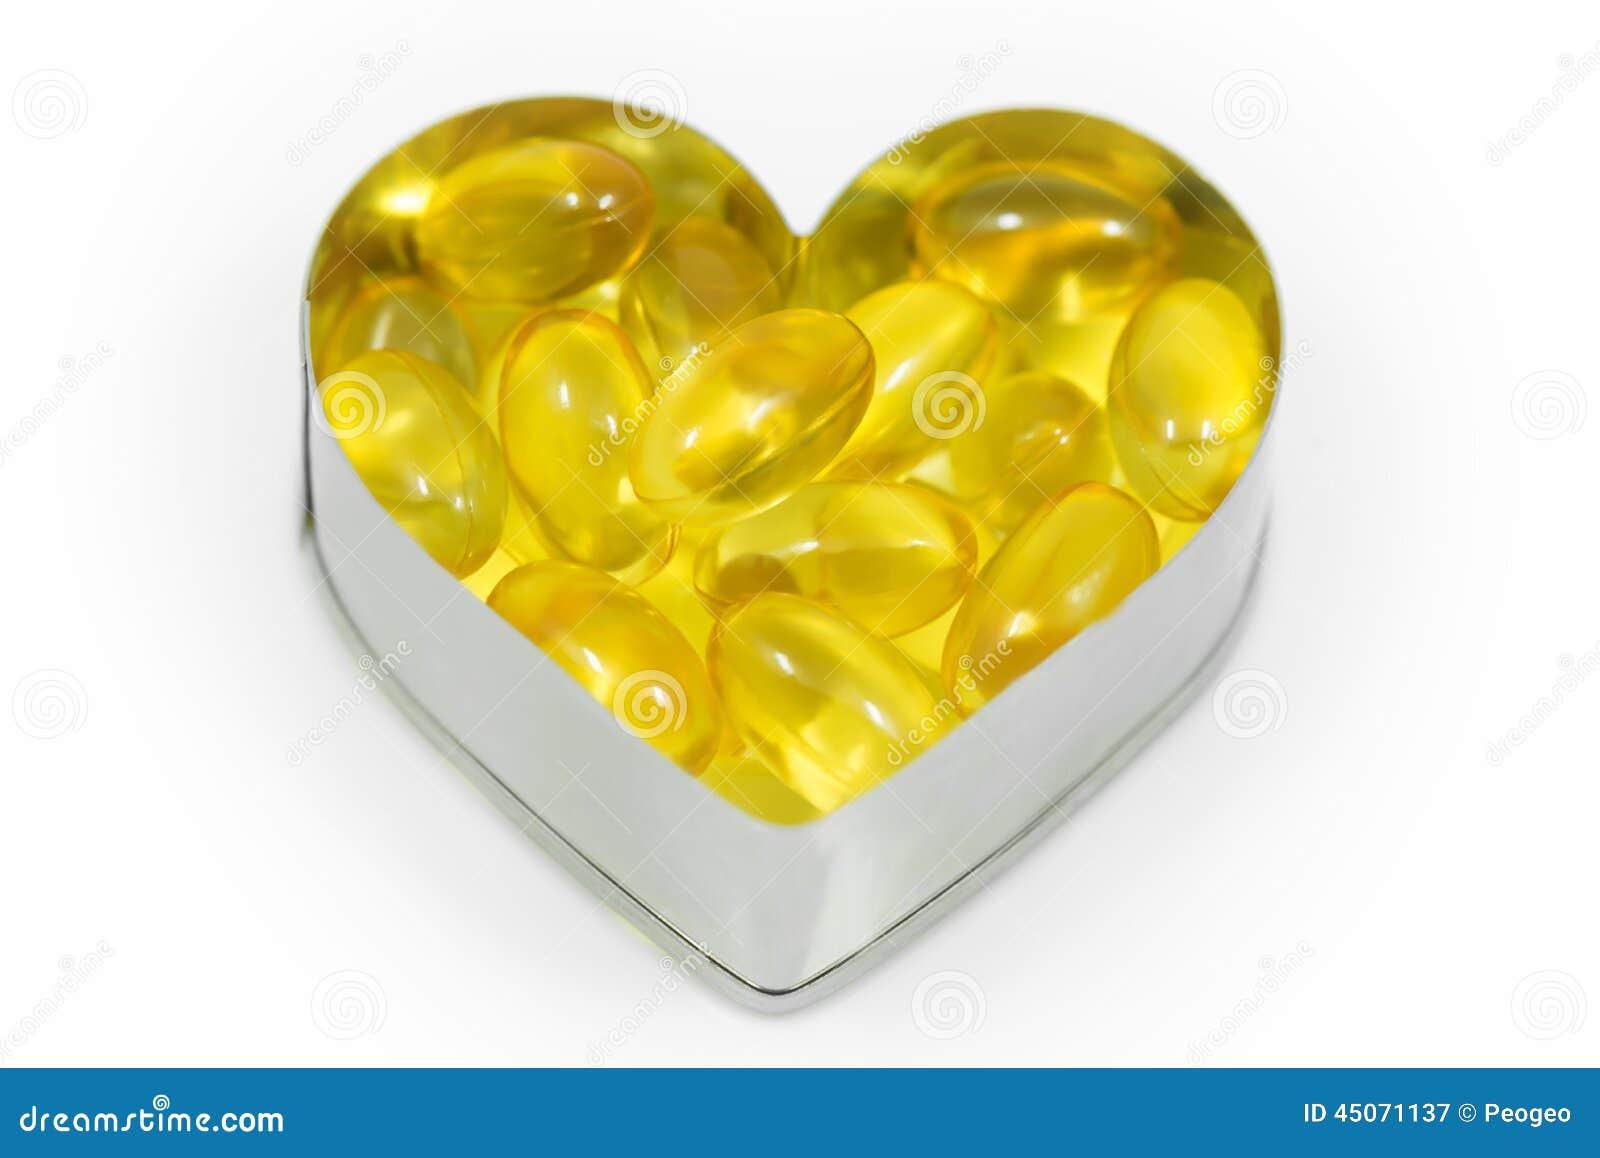 Fish oil on heart